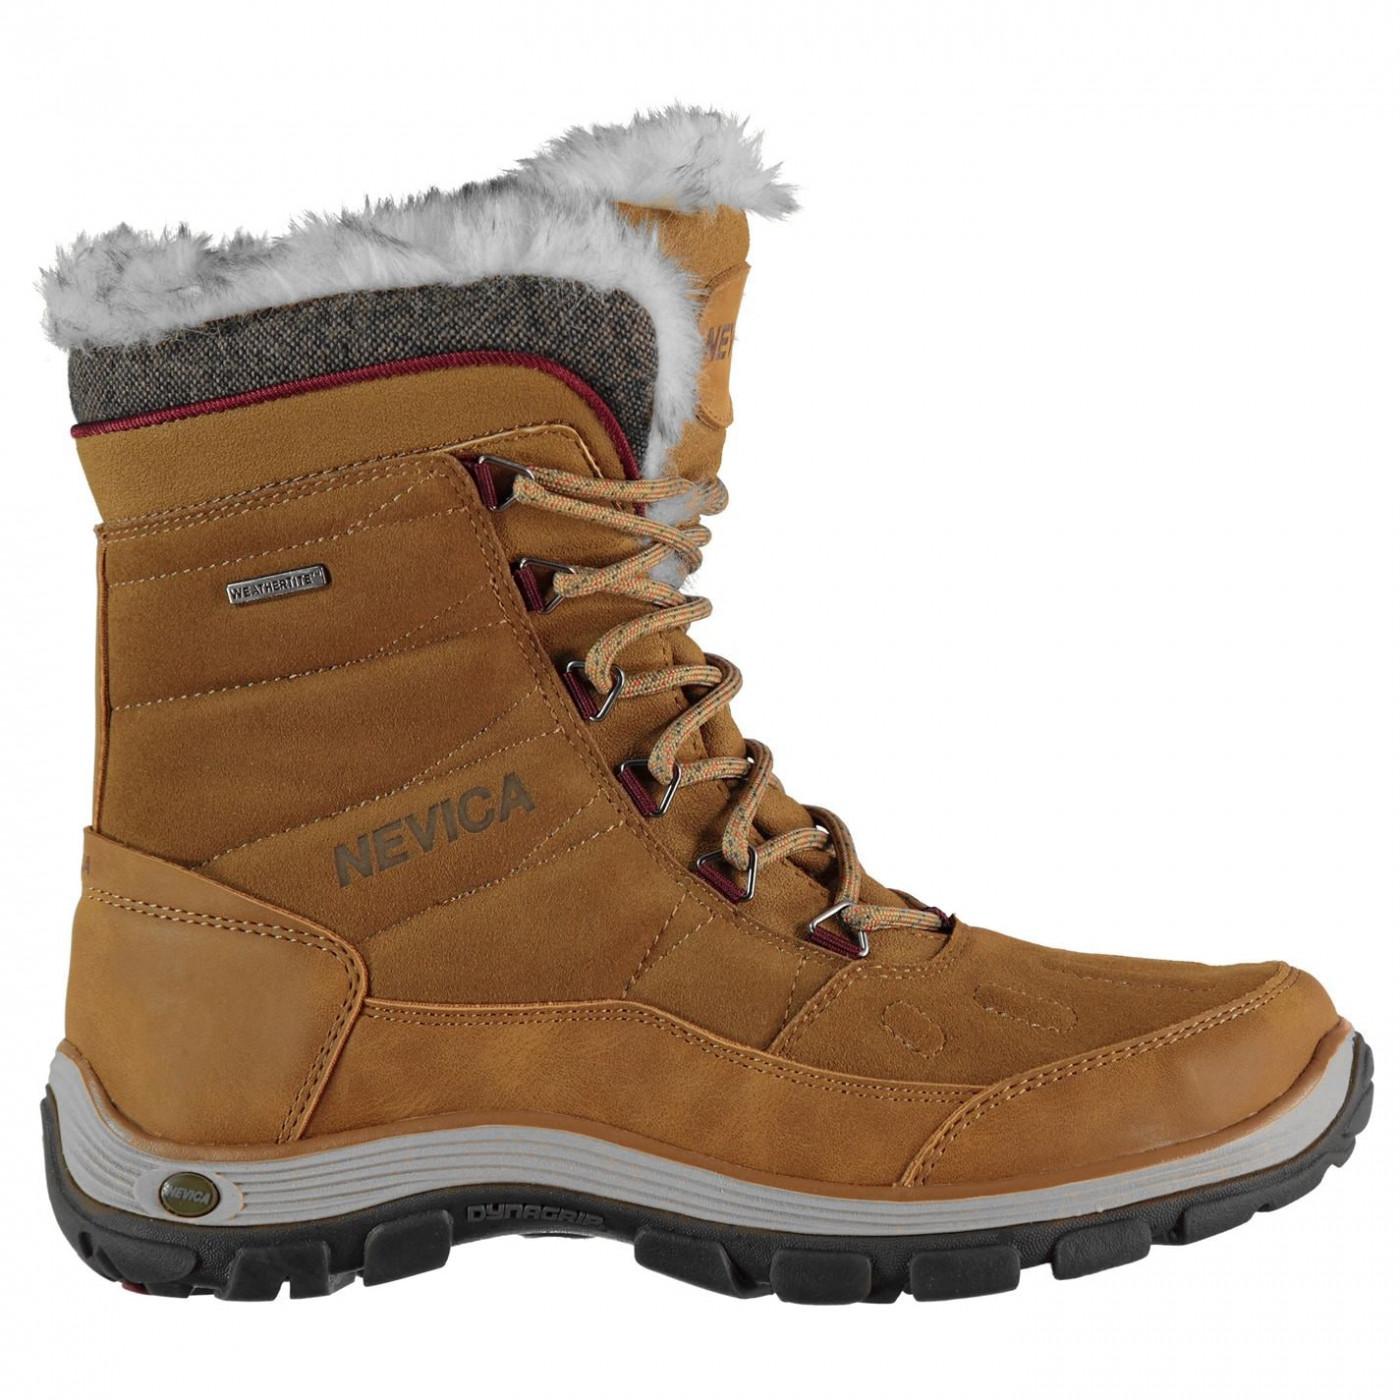 Nevica Meribel Ladies Snow Boots